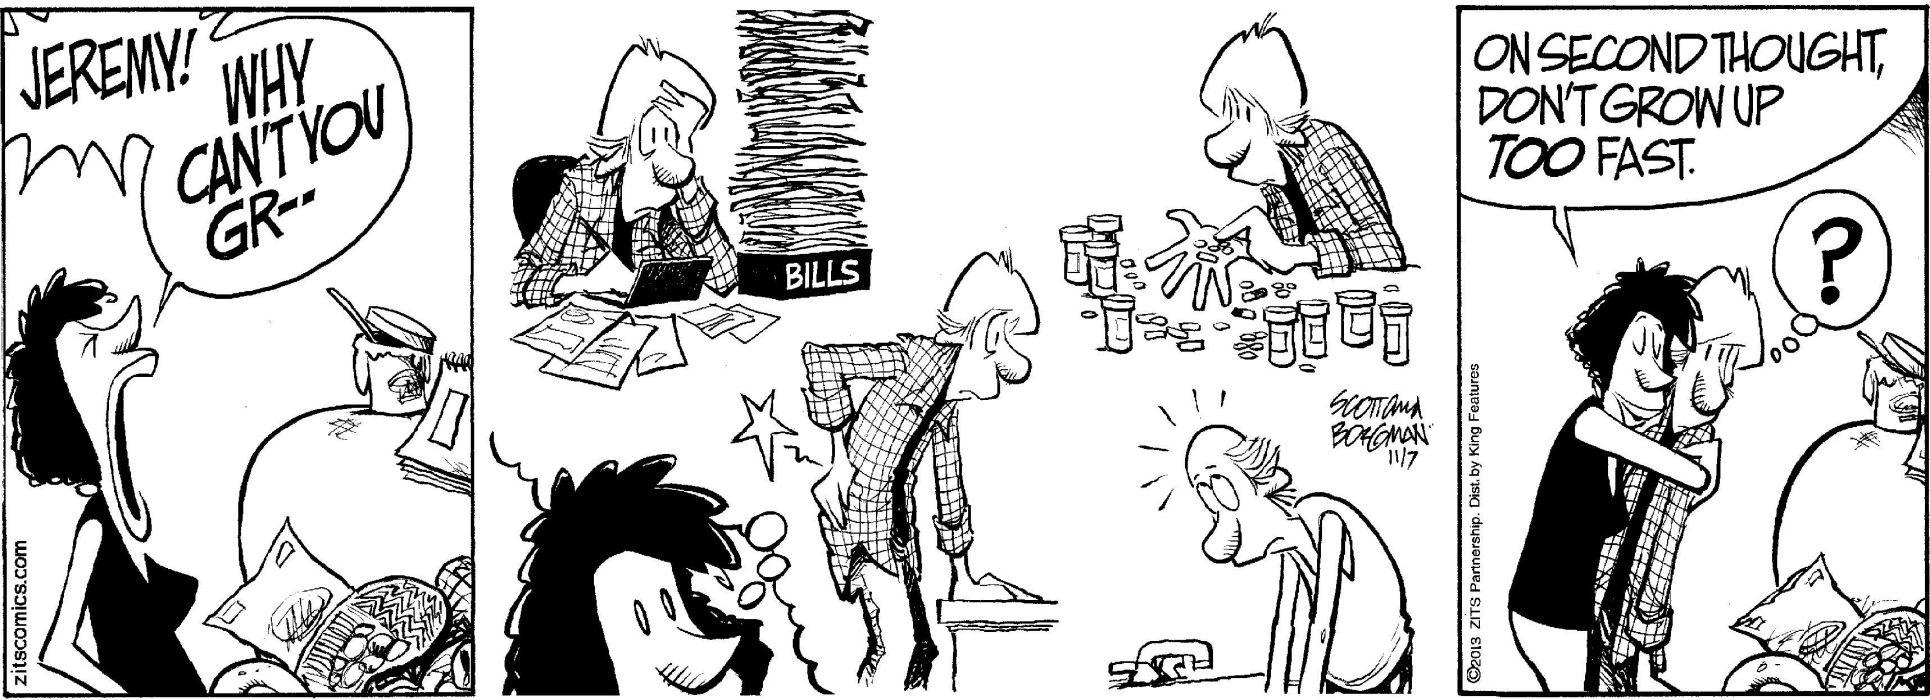 ZITS comicstrip humor funny (44) wallpaper